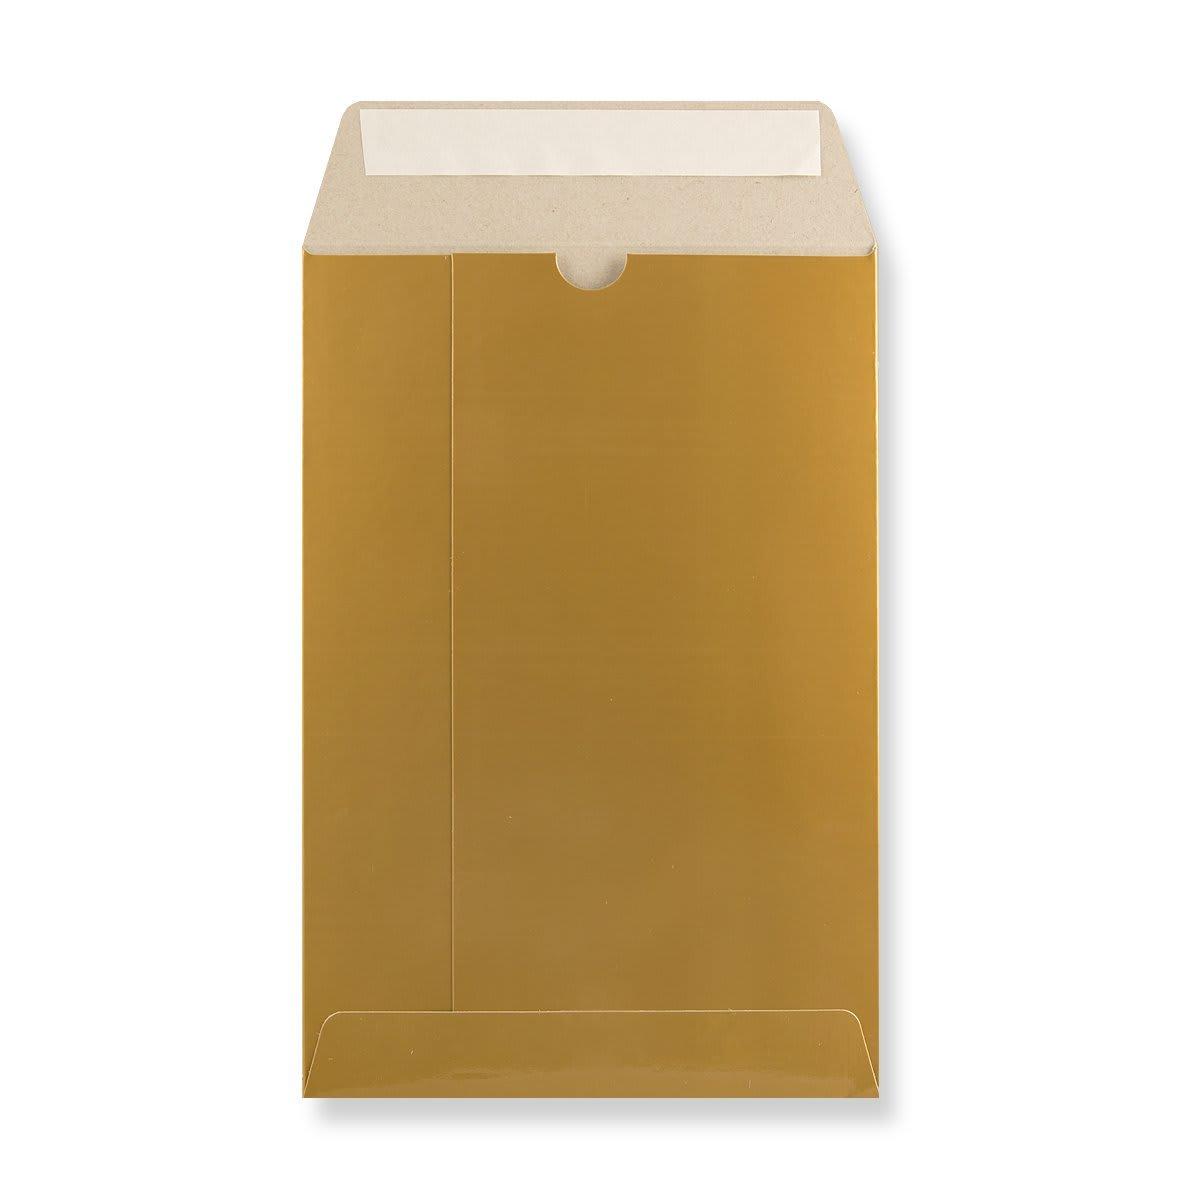 C5 GOLD ALL BOARD ENVELOPES